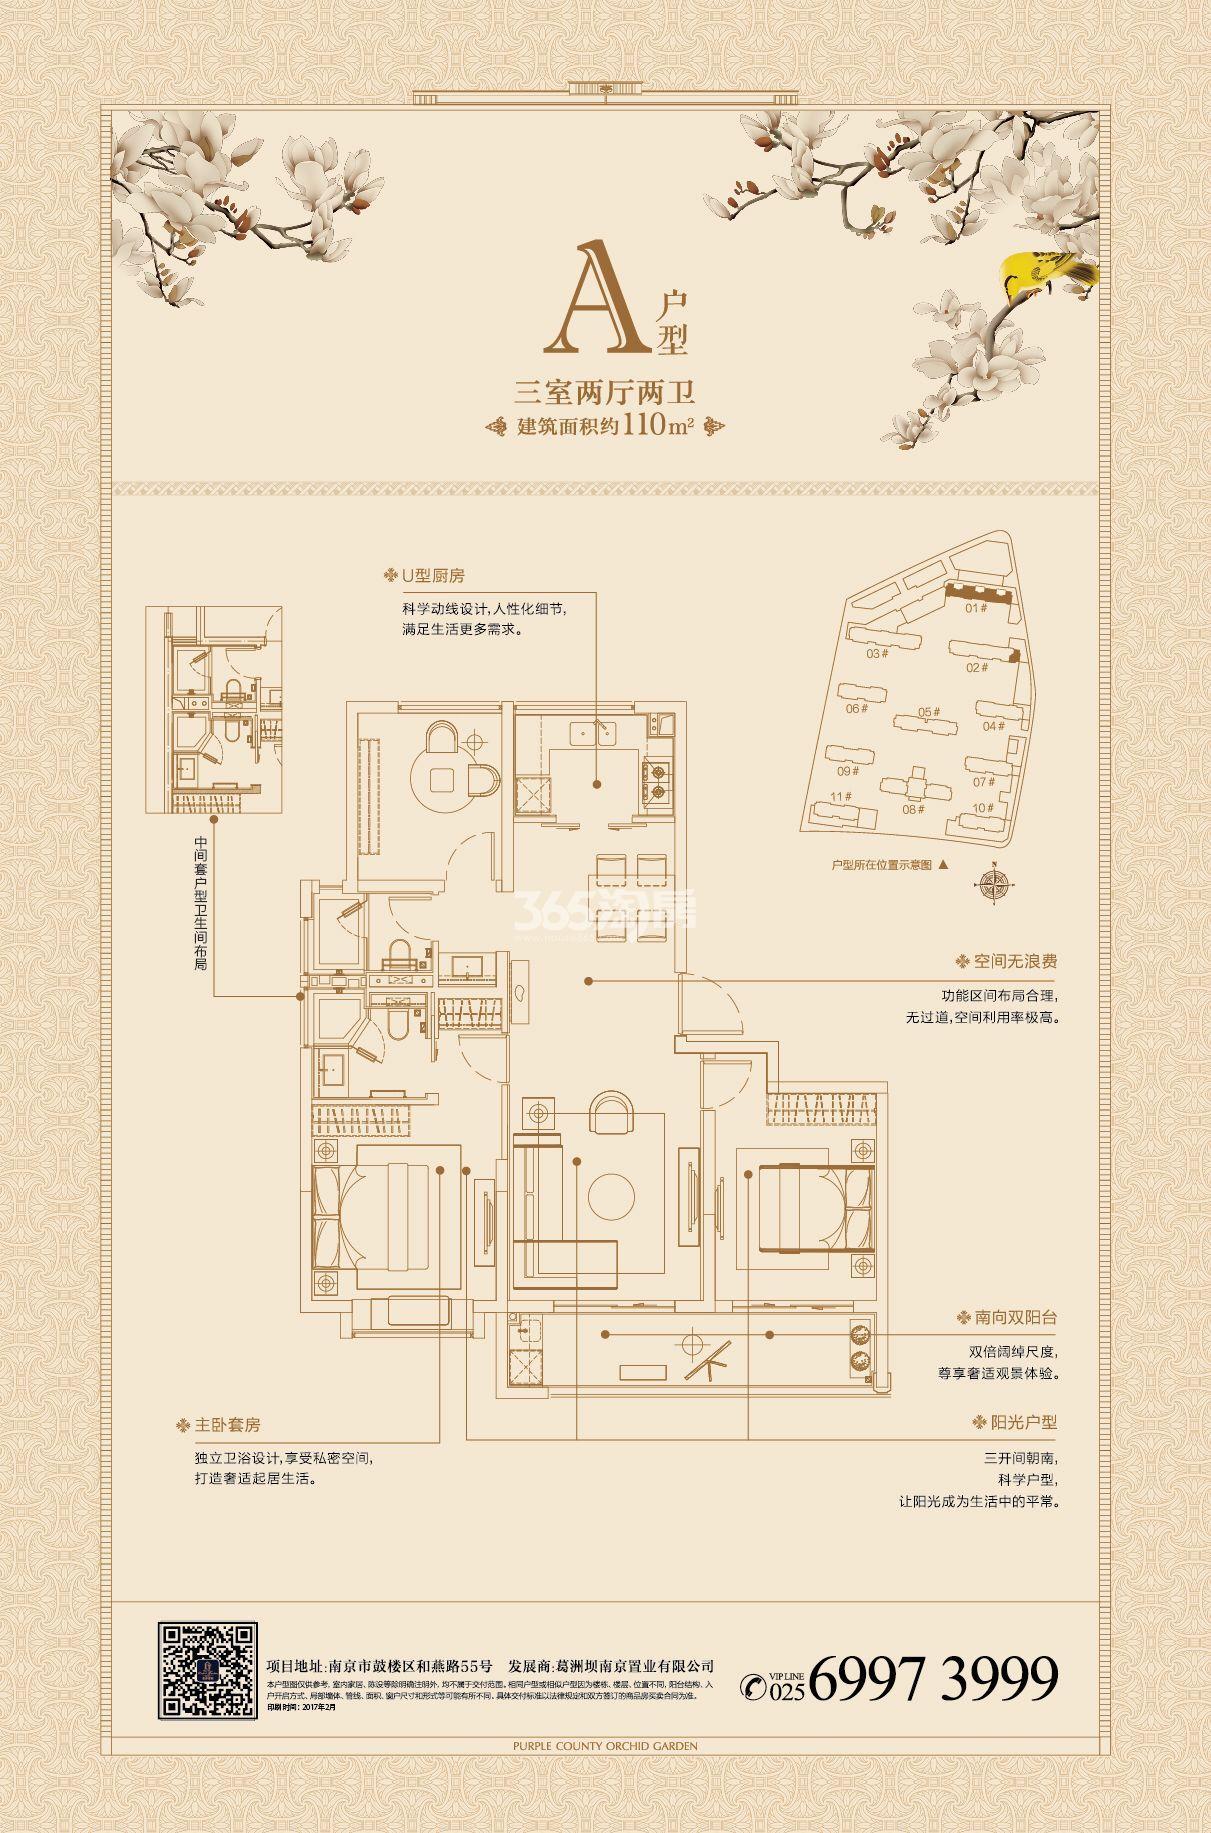 葛洲坝招商紫郡蘭园110㎡3室2厅2卫户型图